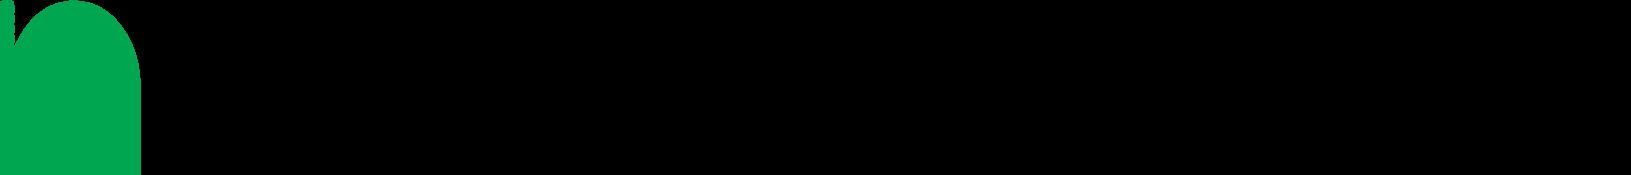 九州産業株式会社